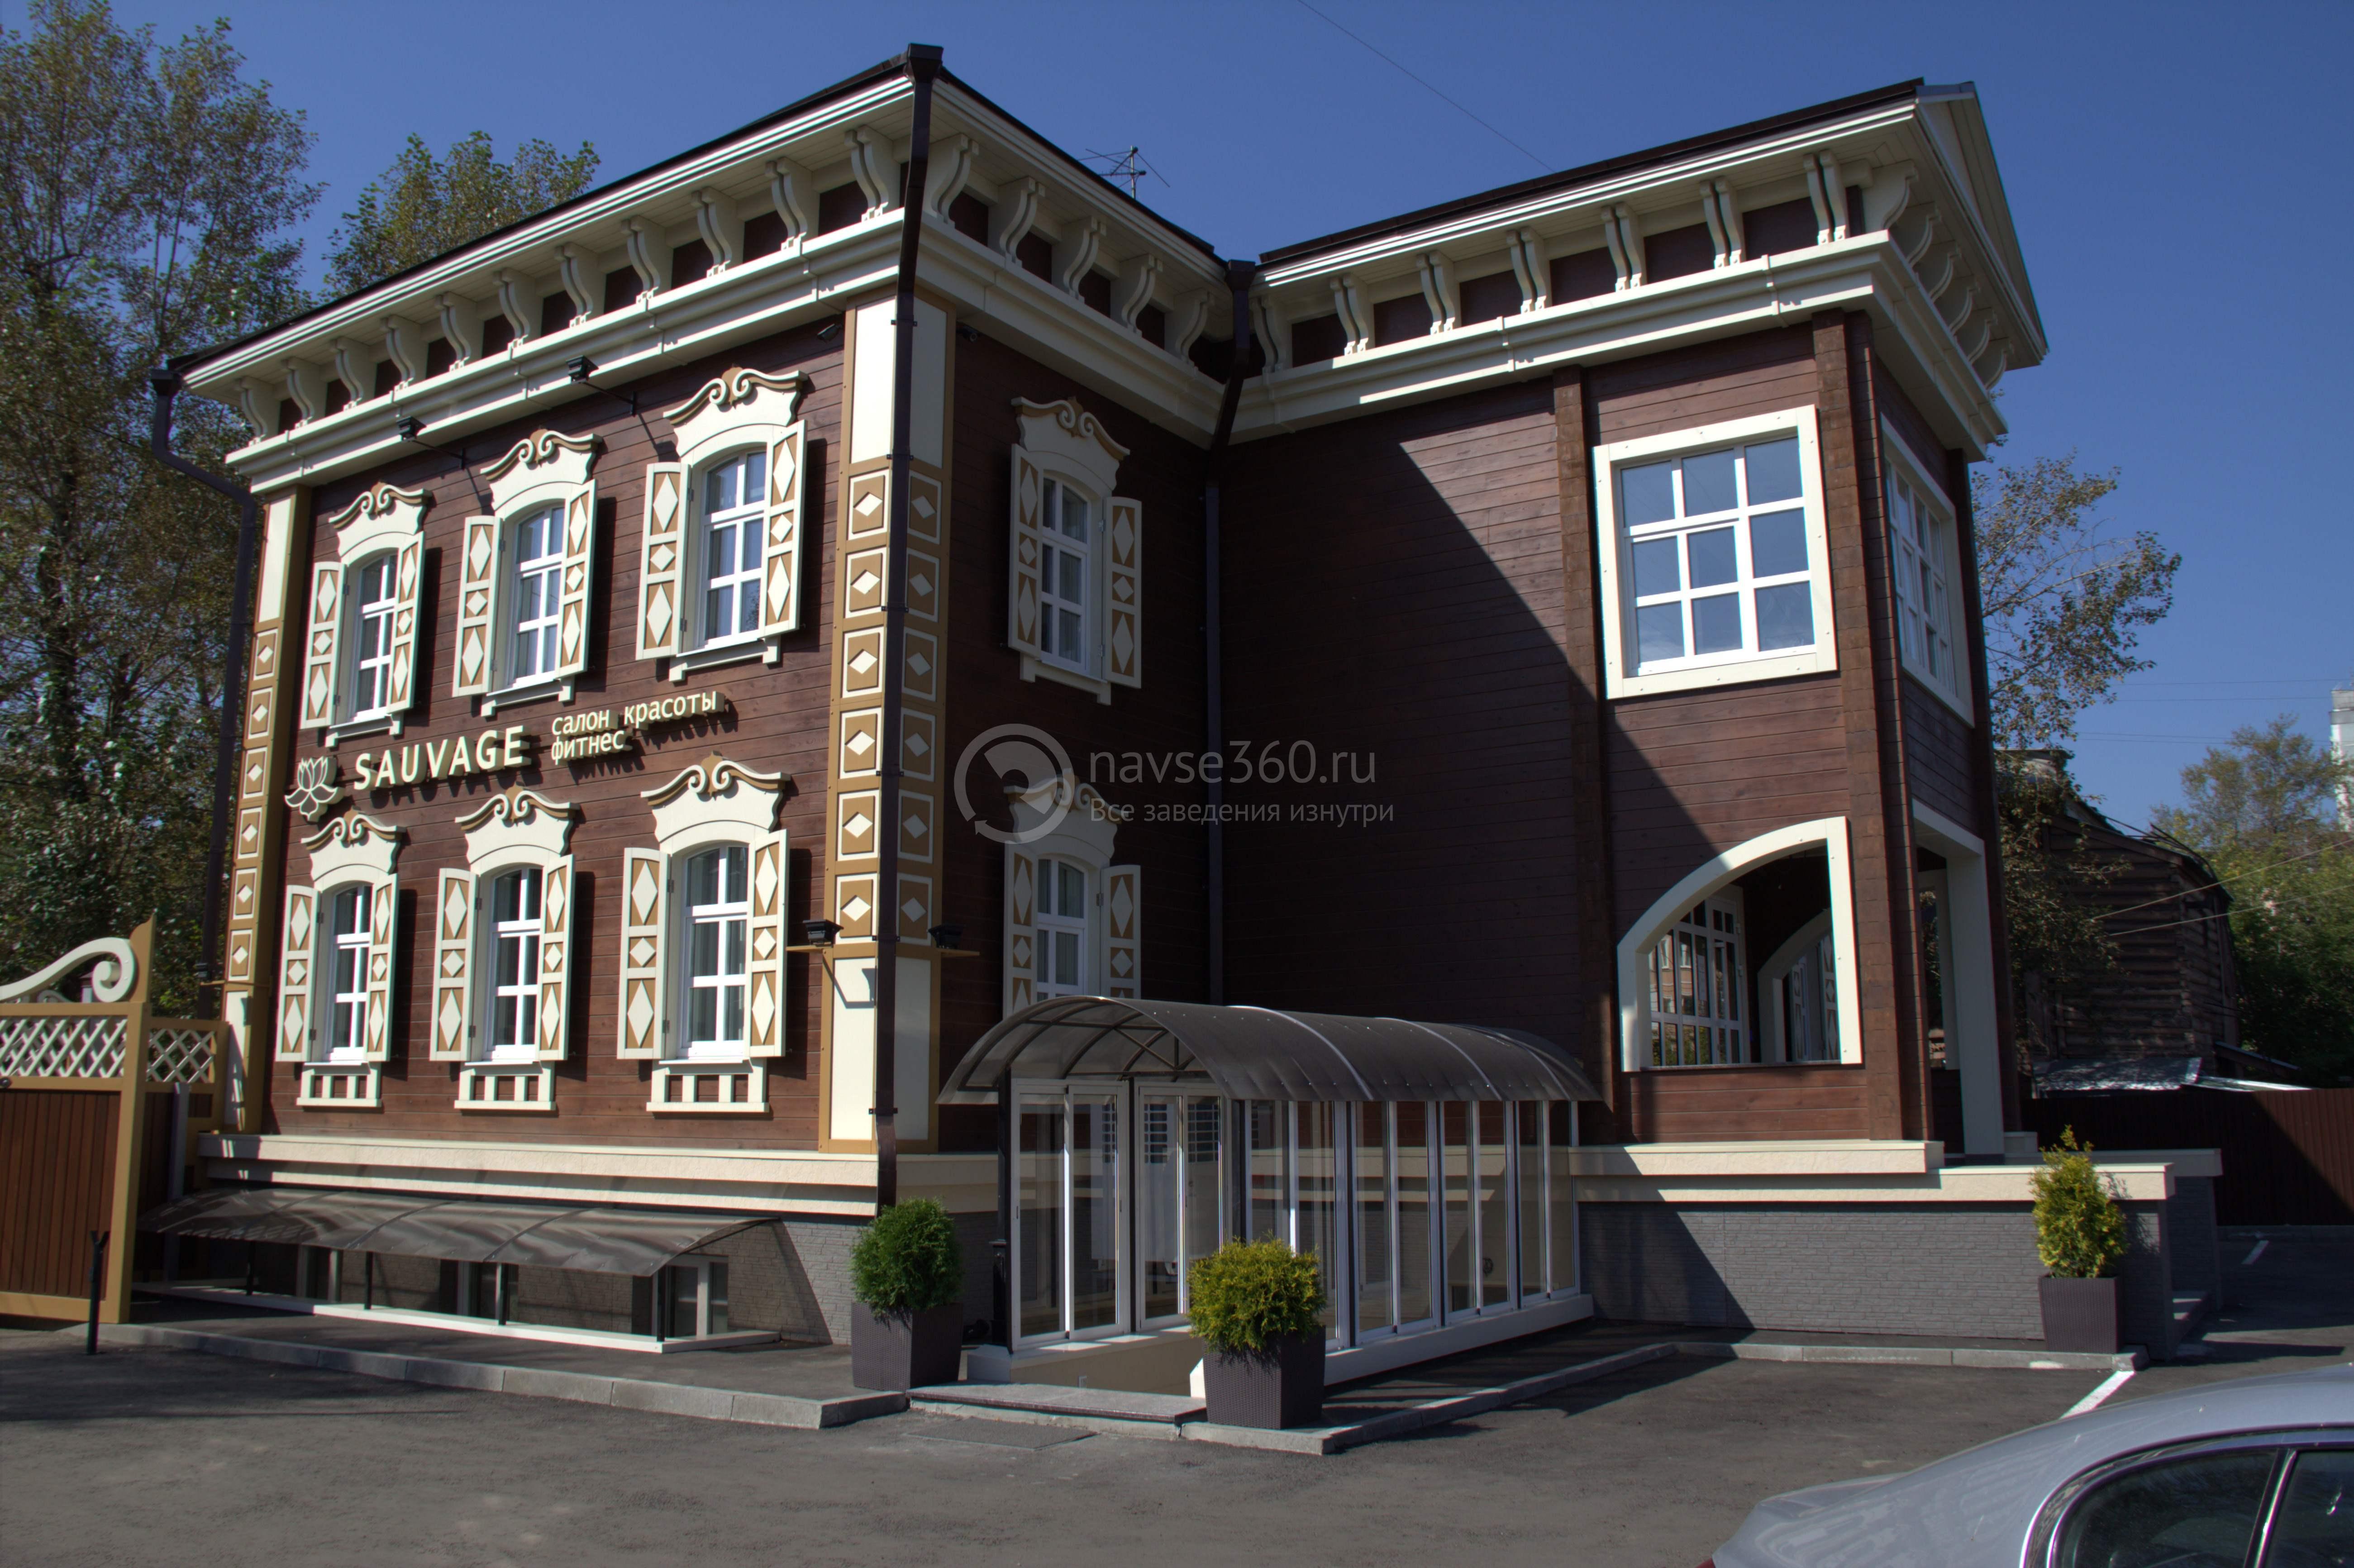 салоны крастоты Иркутска